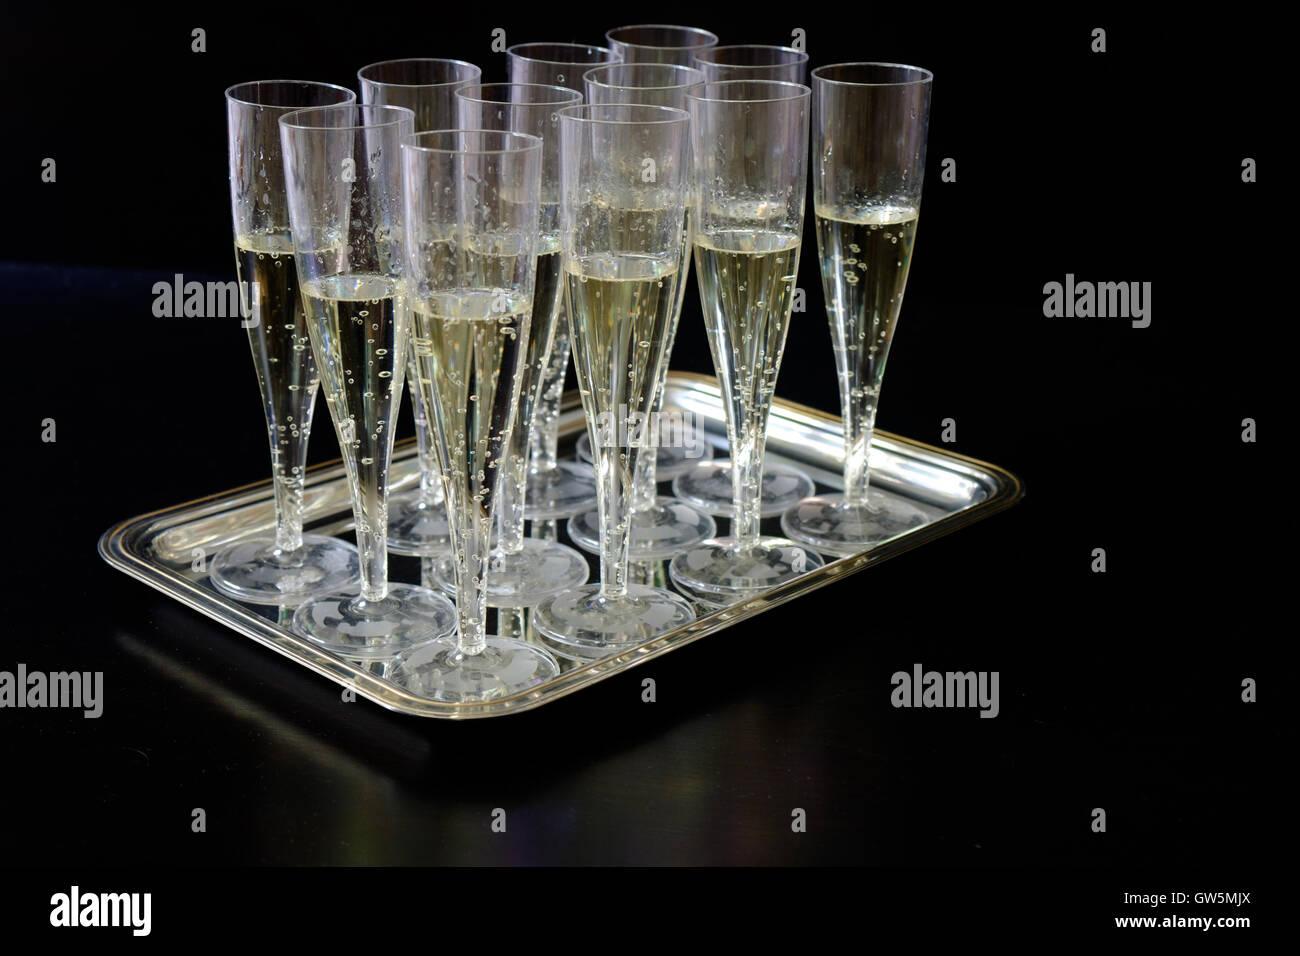 Champagner Flöten Gläser auf schwarzem Hintergrund isoliert Stockbild